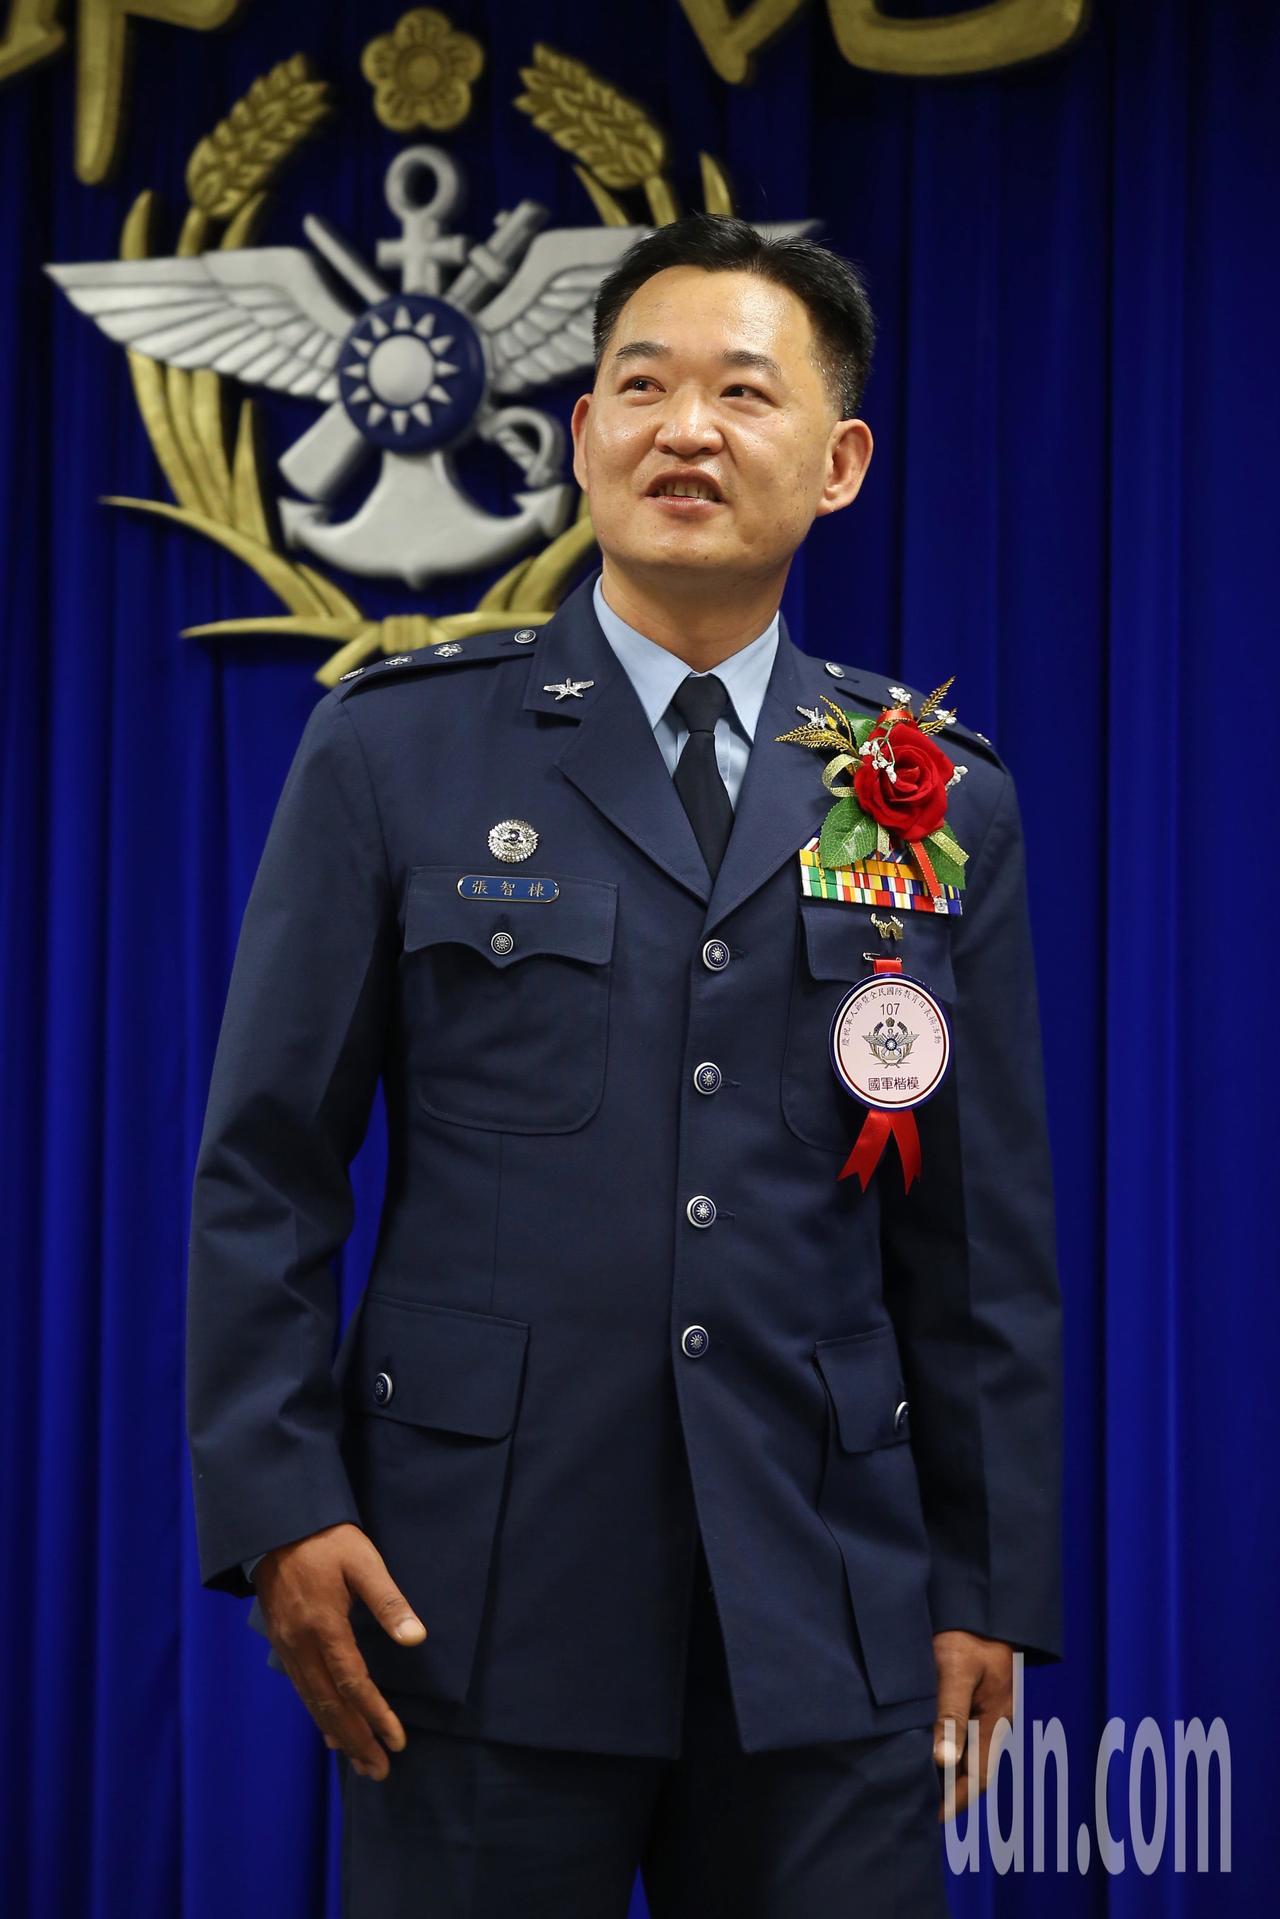 國軍楷模空軍第六混合聯隊第十空運大隊上校大隊長張智棟,曾在花蓮強震時,執行傷患後...